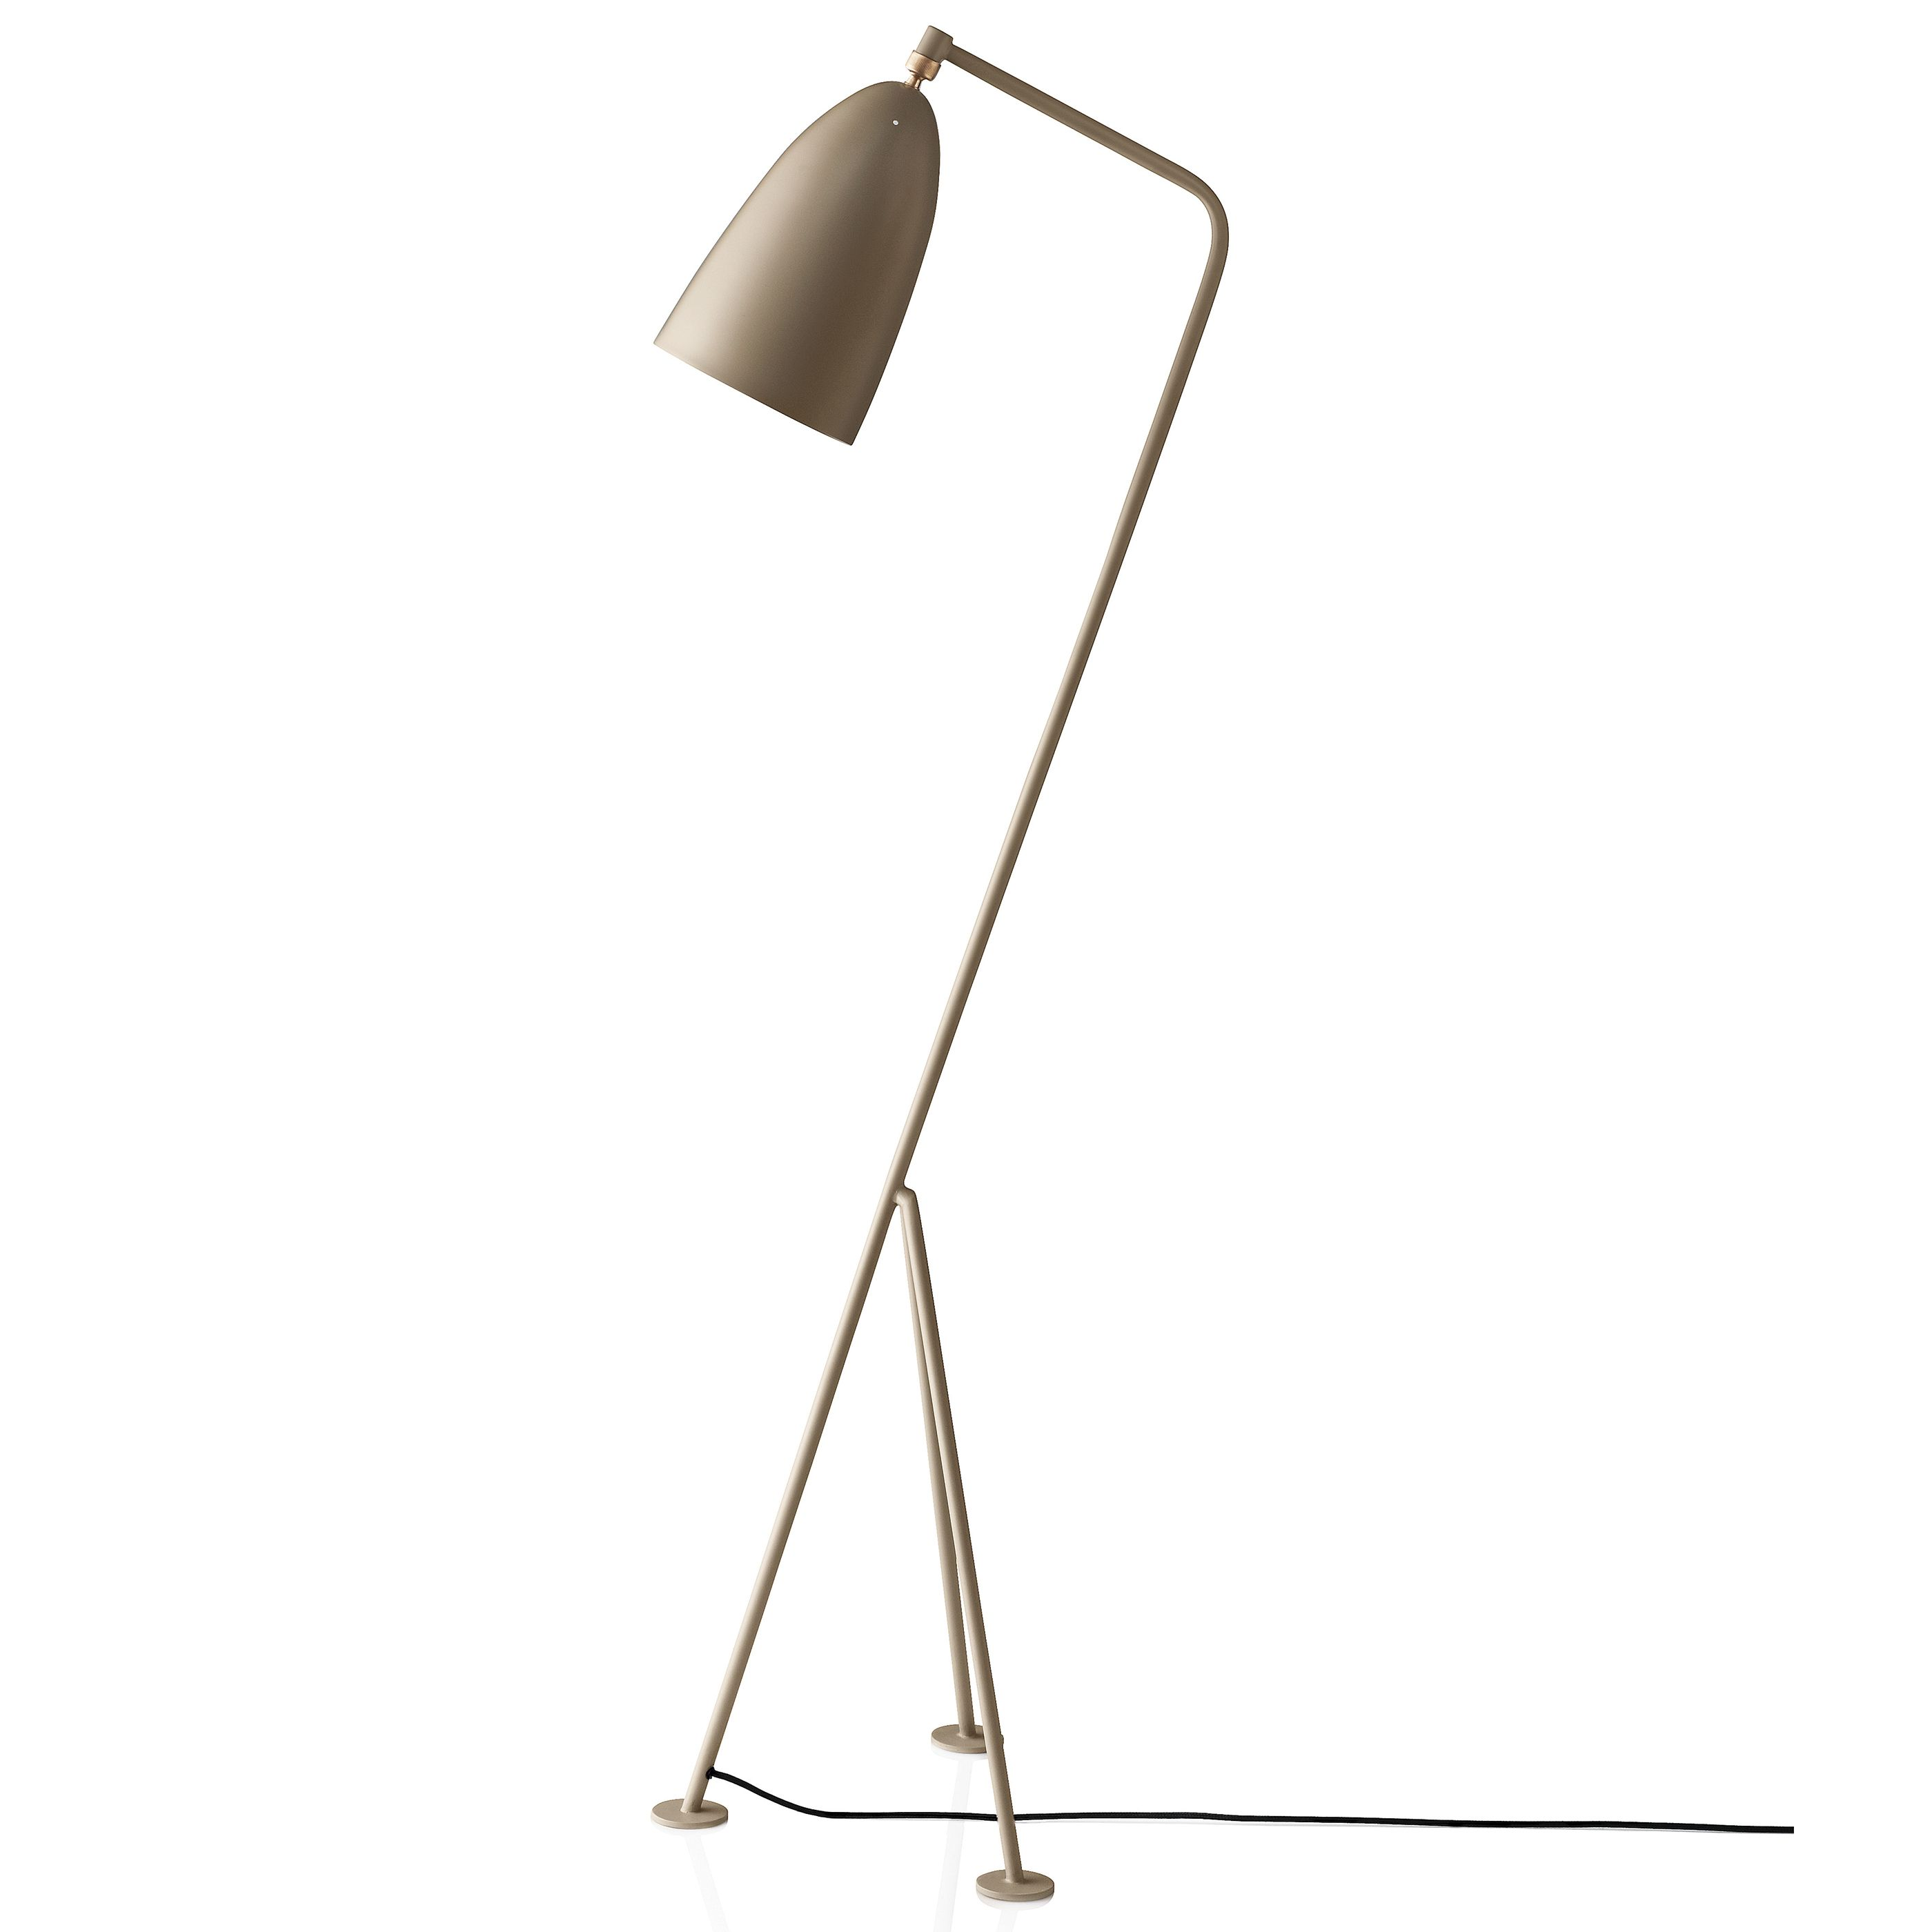 gubi meubels kopen voor de laagste prijs. Black Bedroom Furniture Sets. Home Design Ideas